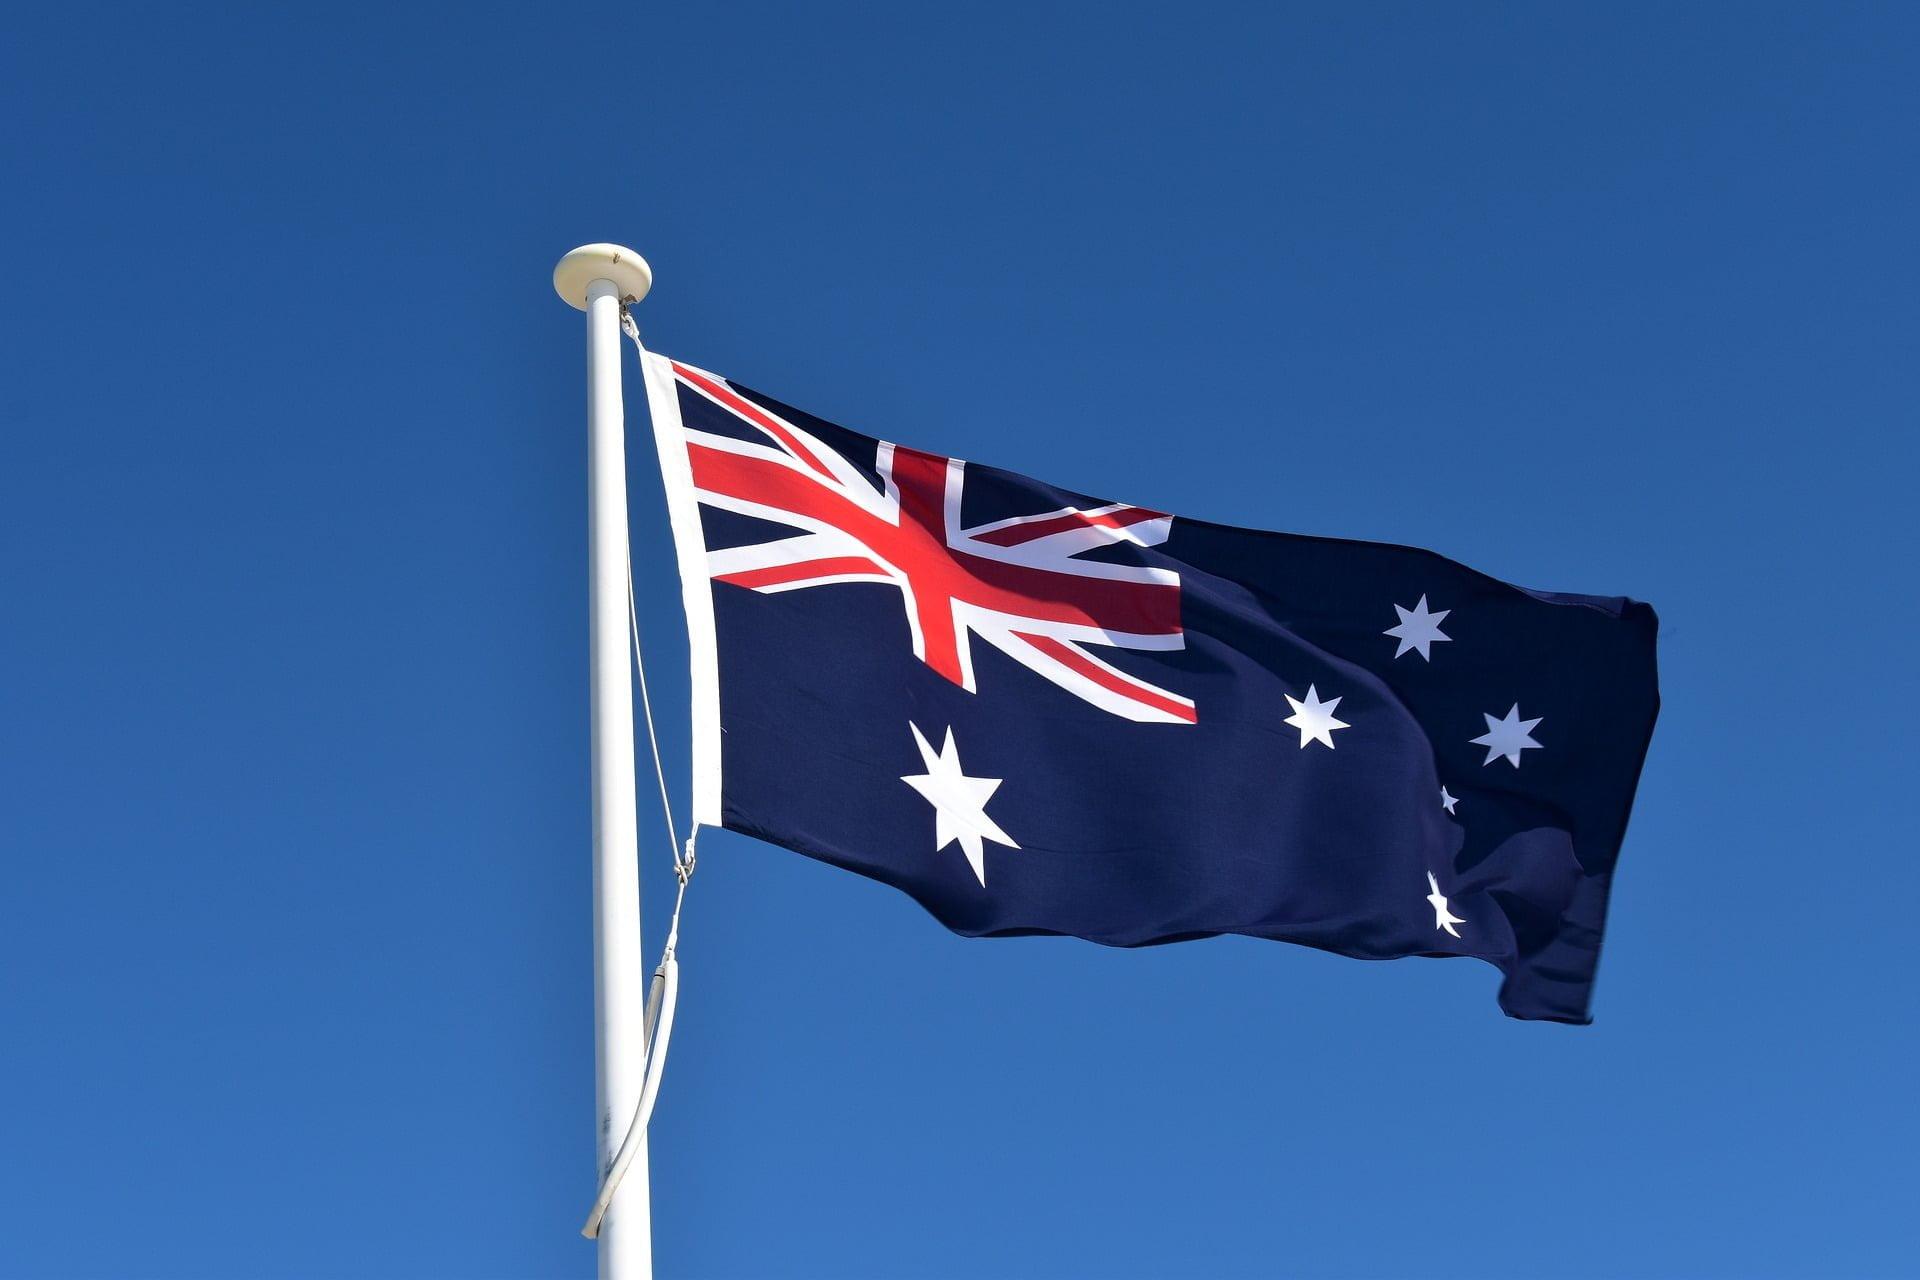 Готова компанія в Австралії з трьома корпоративними рахунками